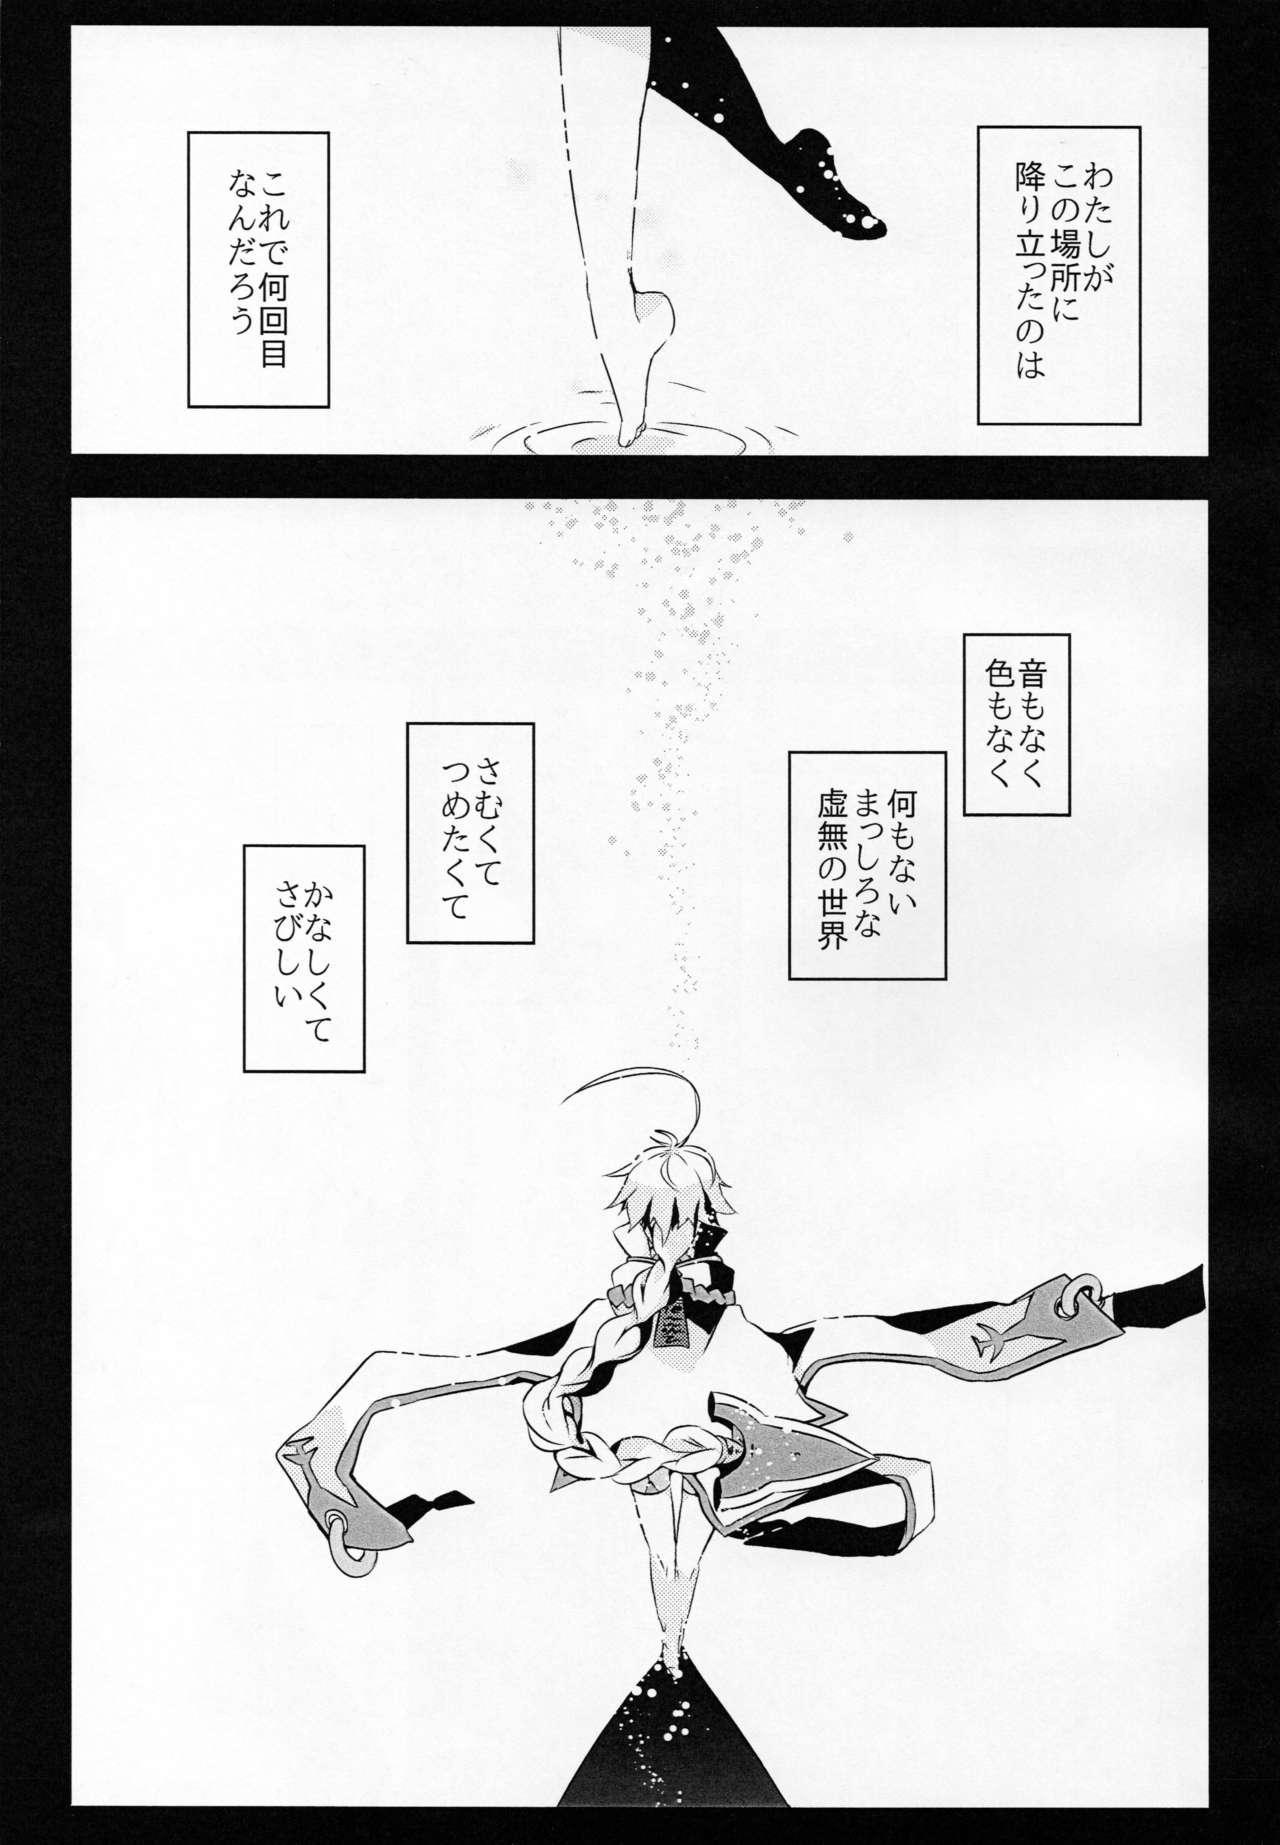 Ningyou no Miru Yume wa 1